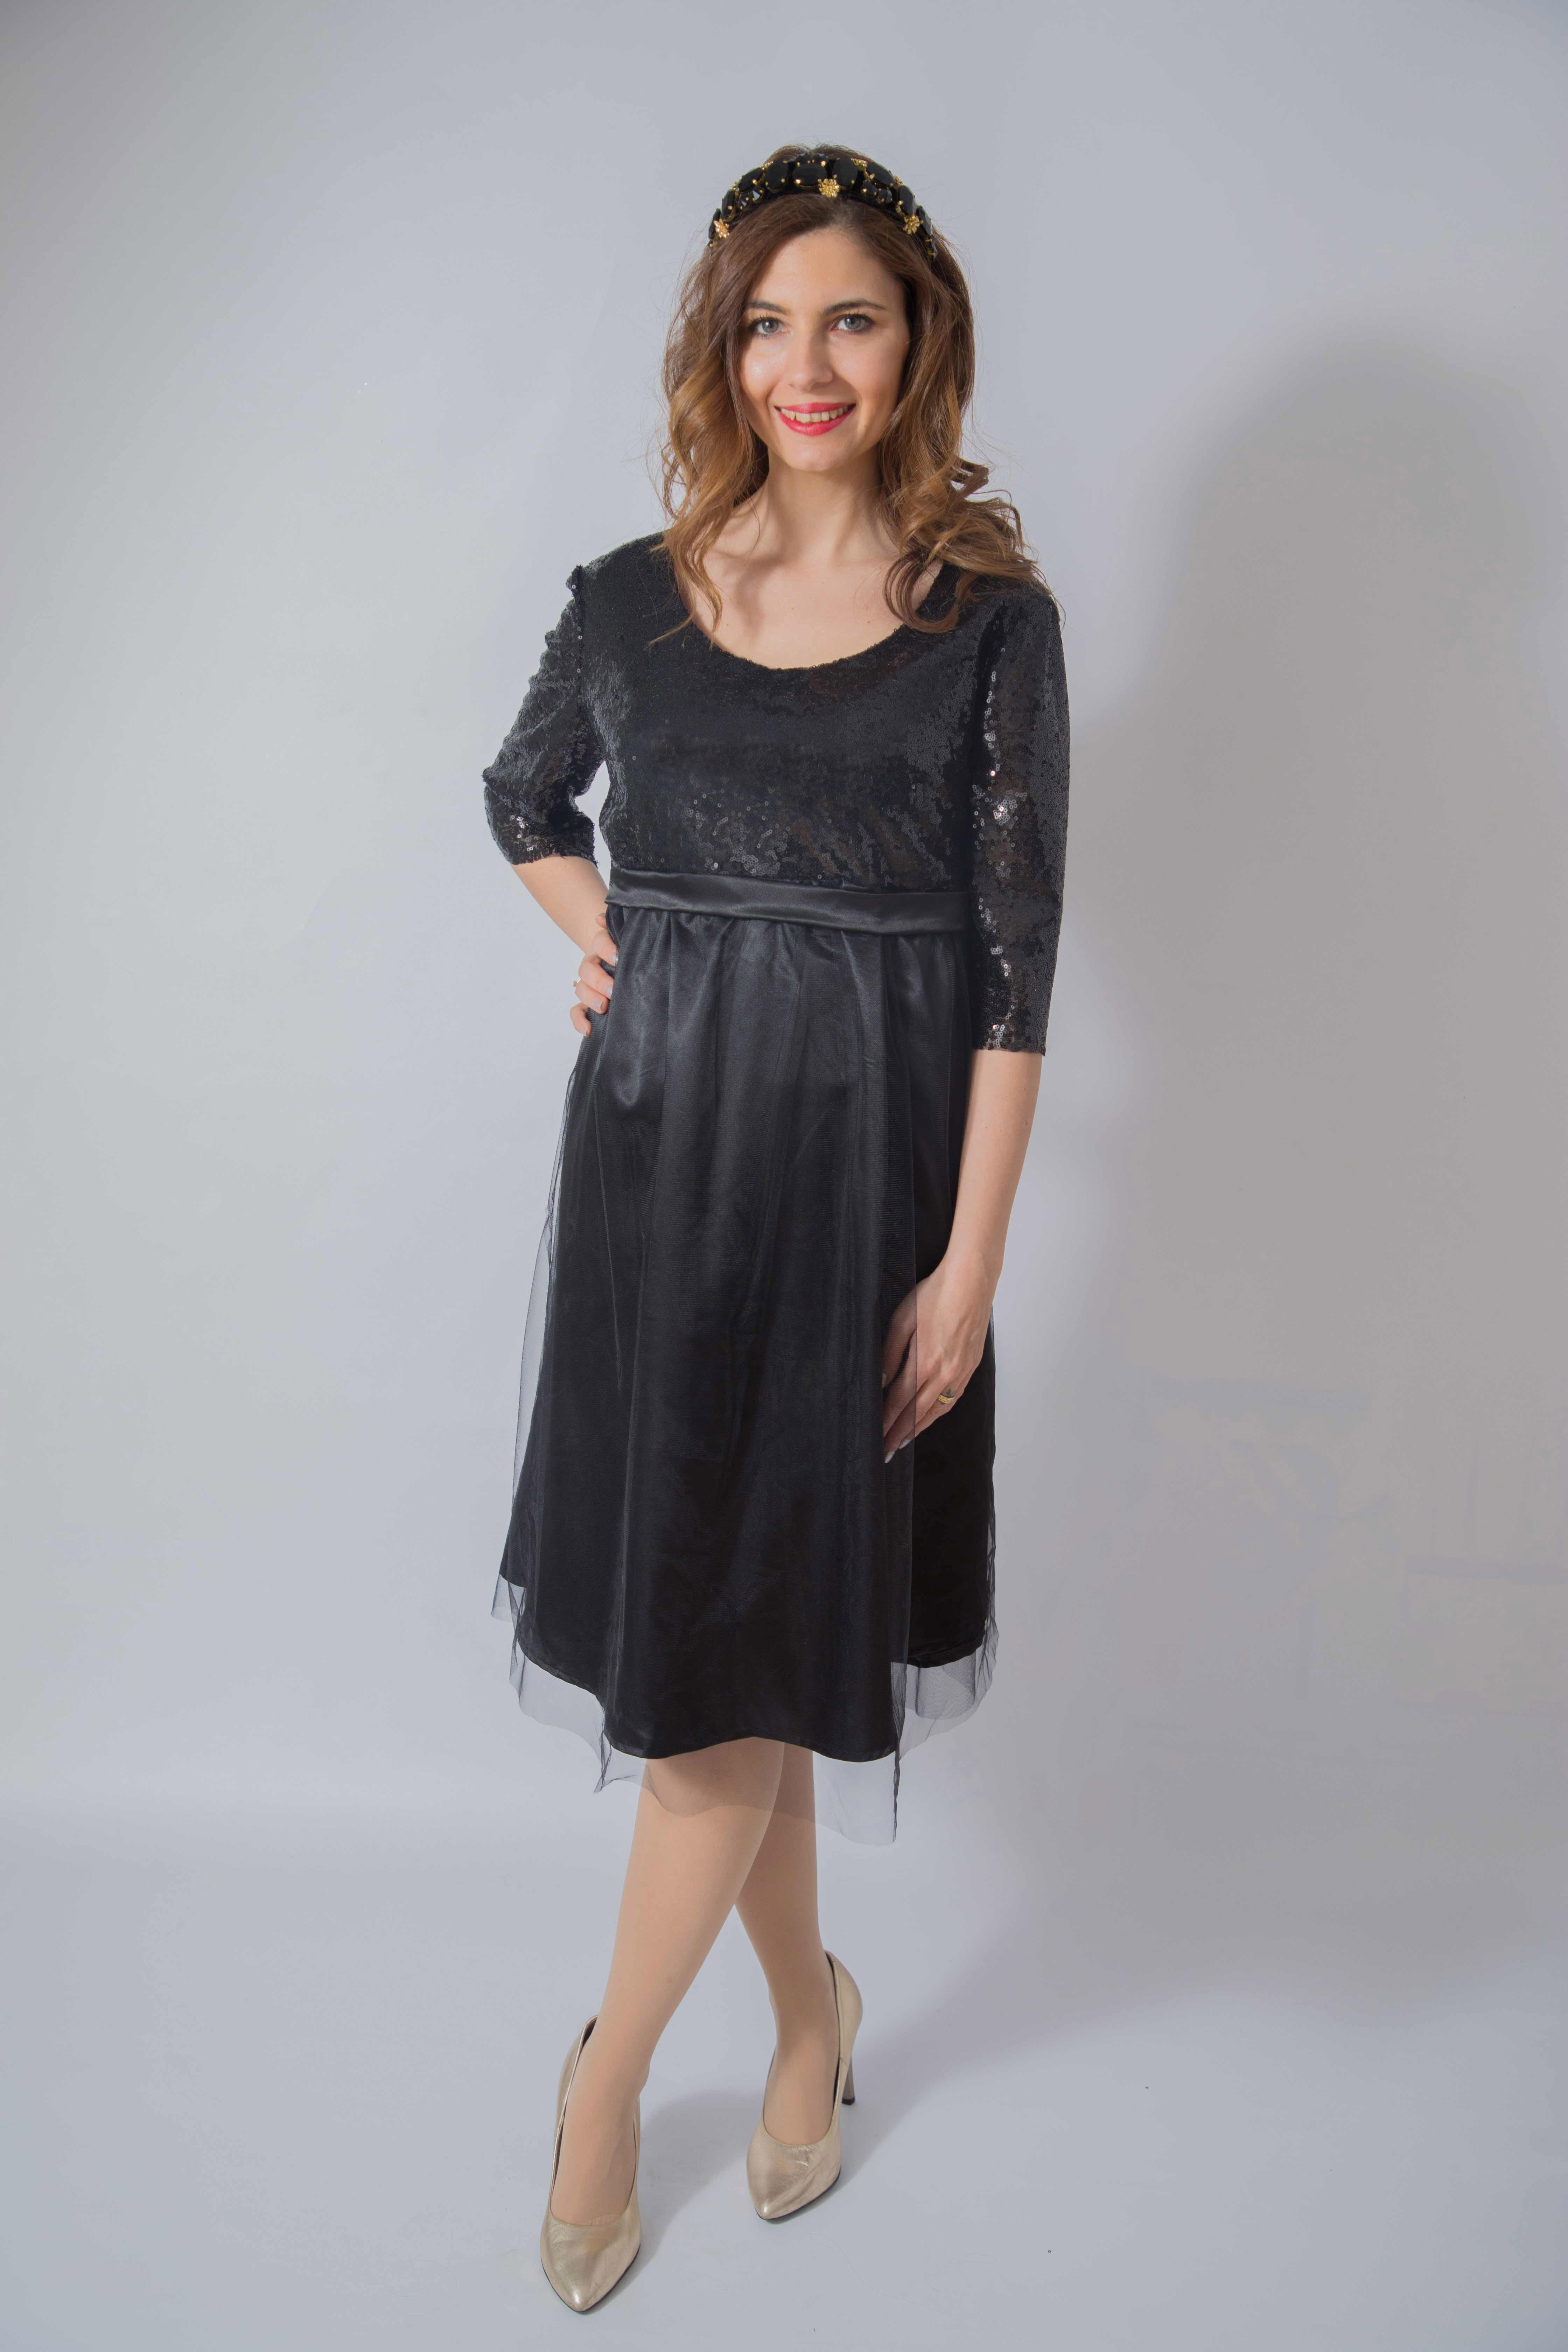 tulle-noire-rochie-eleganta-gravida-cu-paiete-stralucitoare-transport-gratuit 0